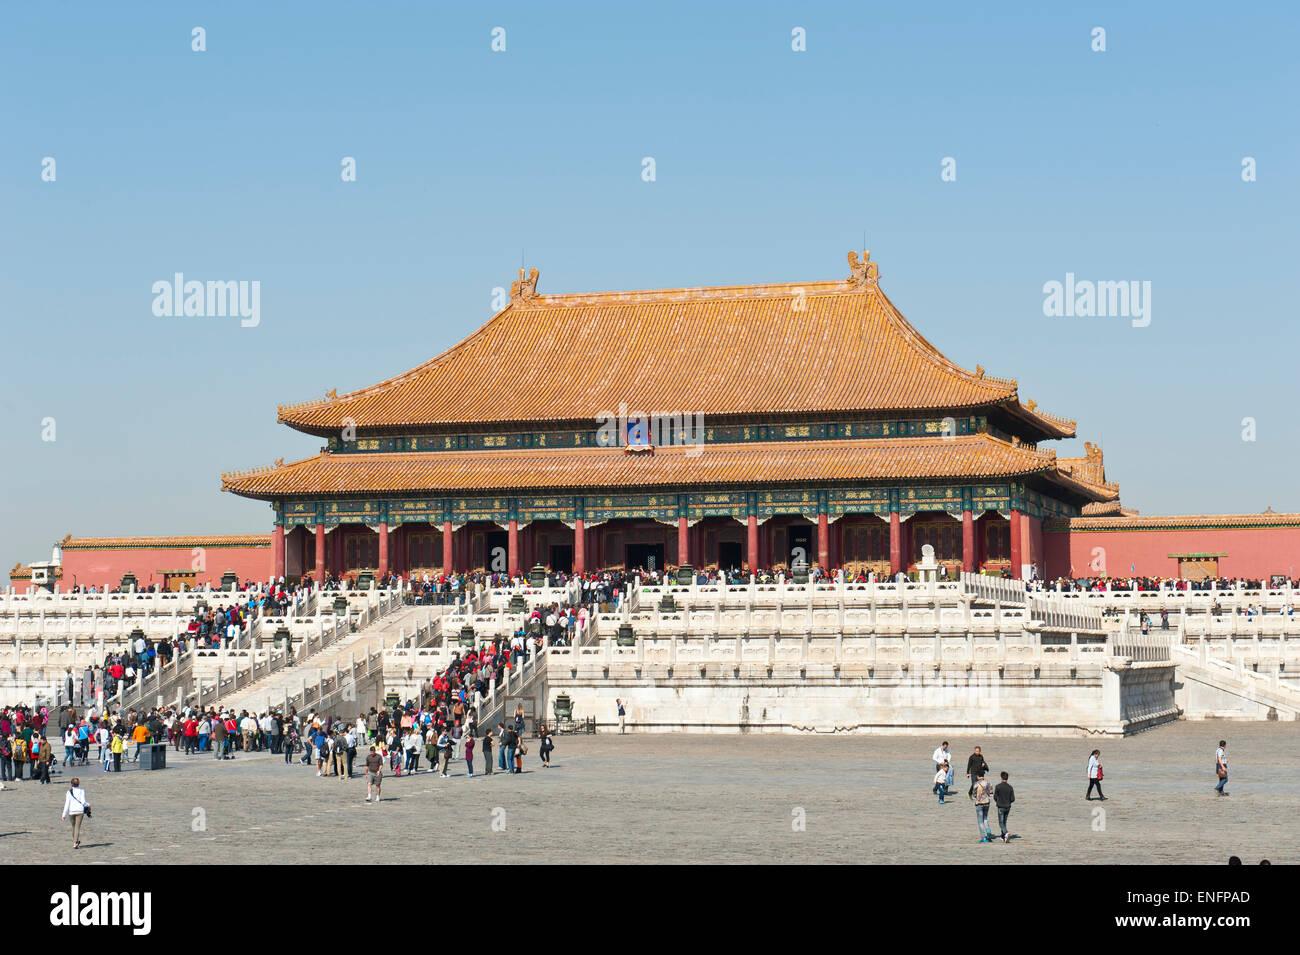 Halle der höchsten Harmonie, Verbotene Stadt, Kaiserpalast, Peking, Volksrepublik China Stockbild